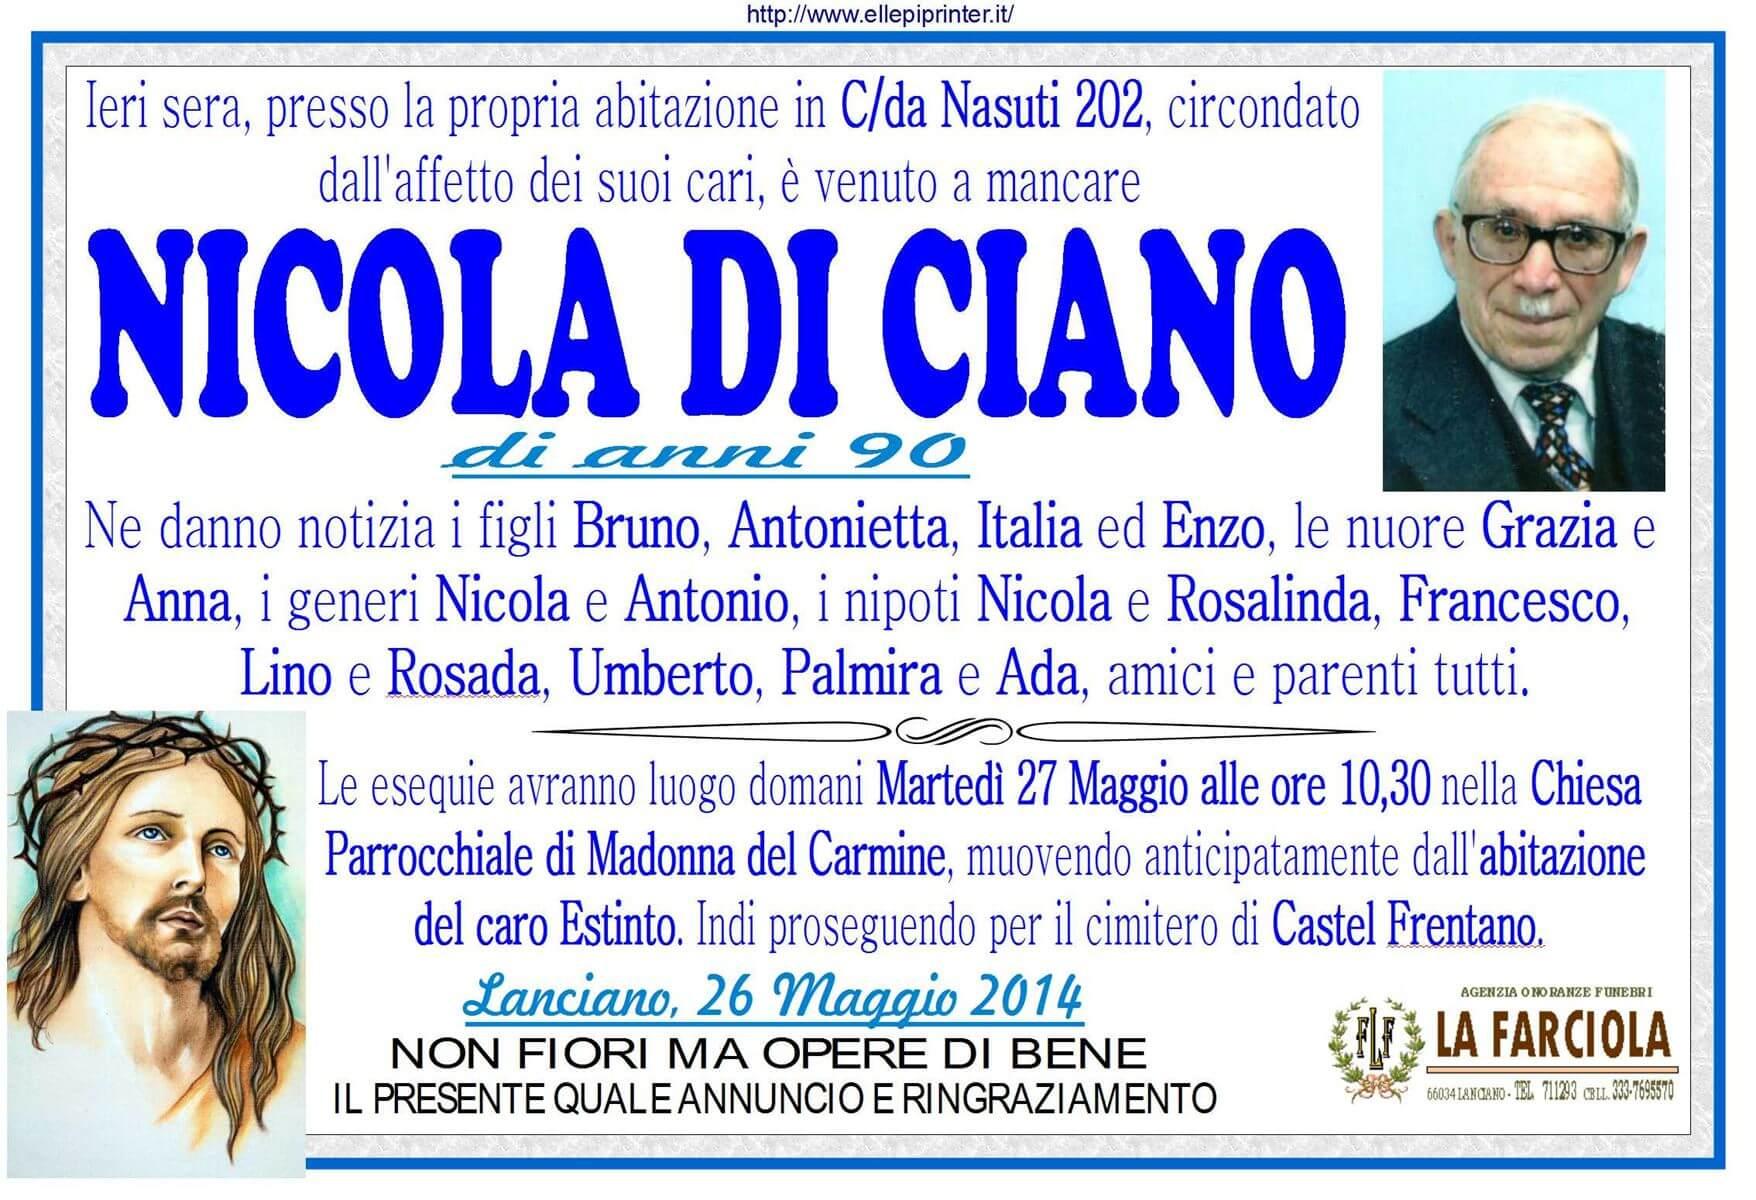 MANIFESTO NICOLA DI CIANO onoranze funebri La Farciola e Sigismondi Lanciano